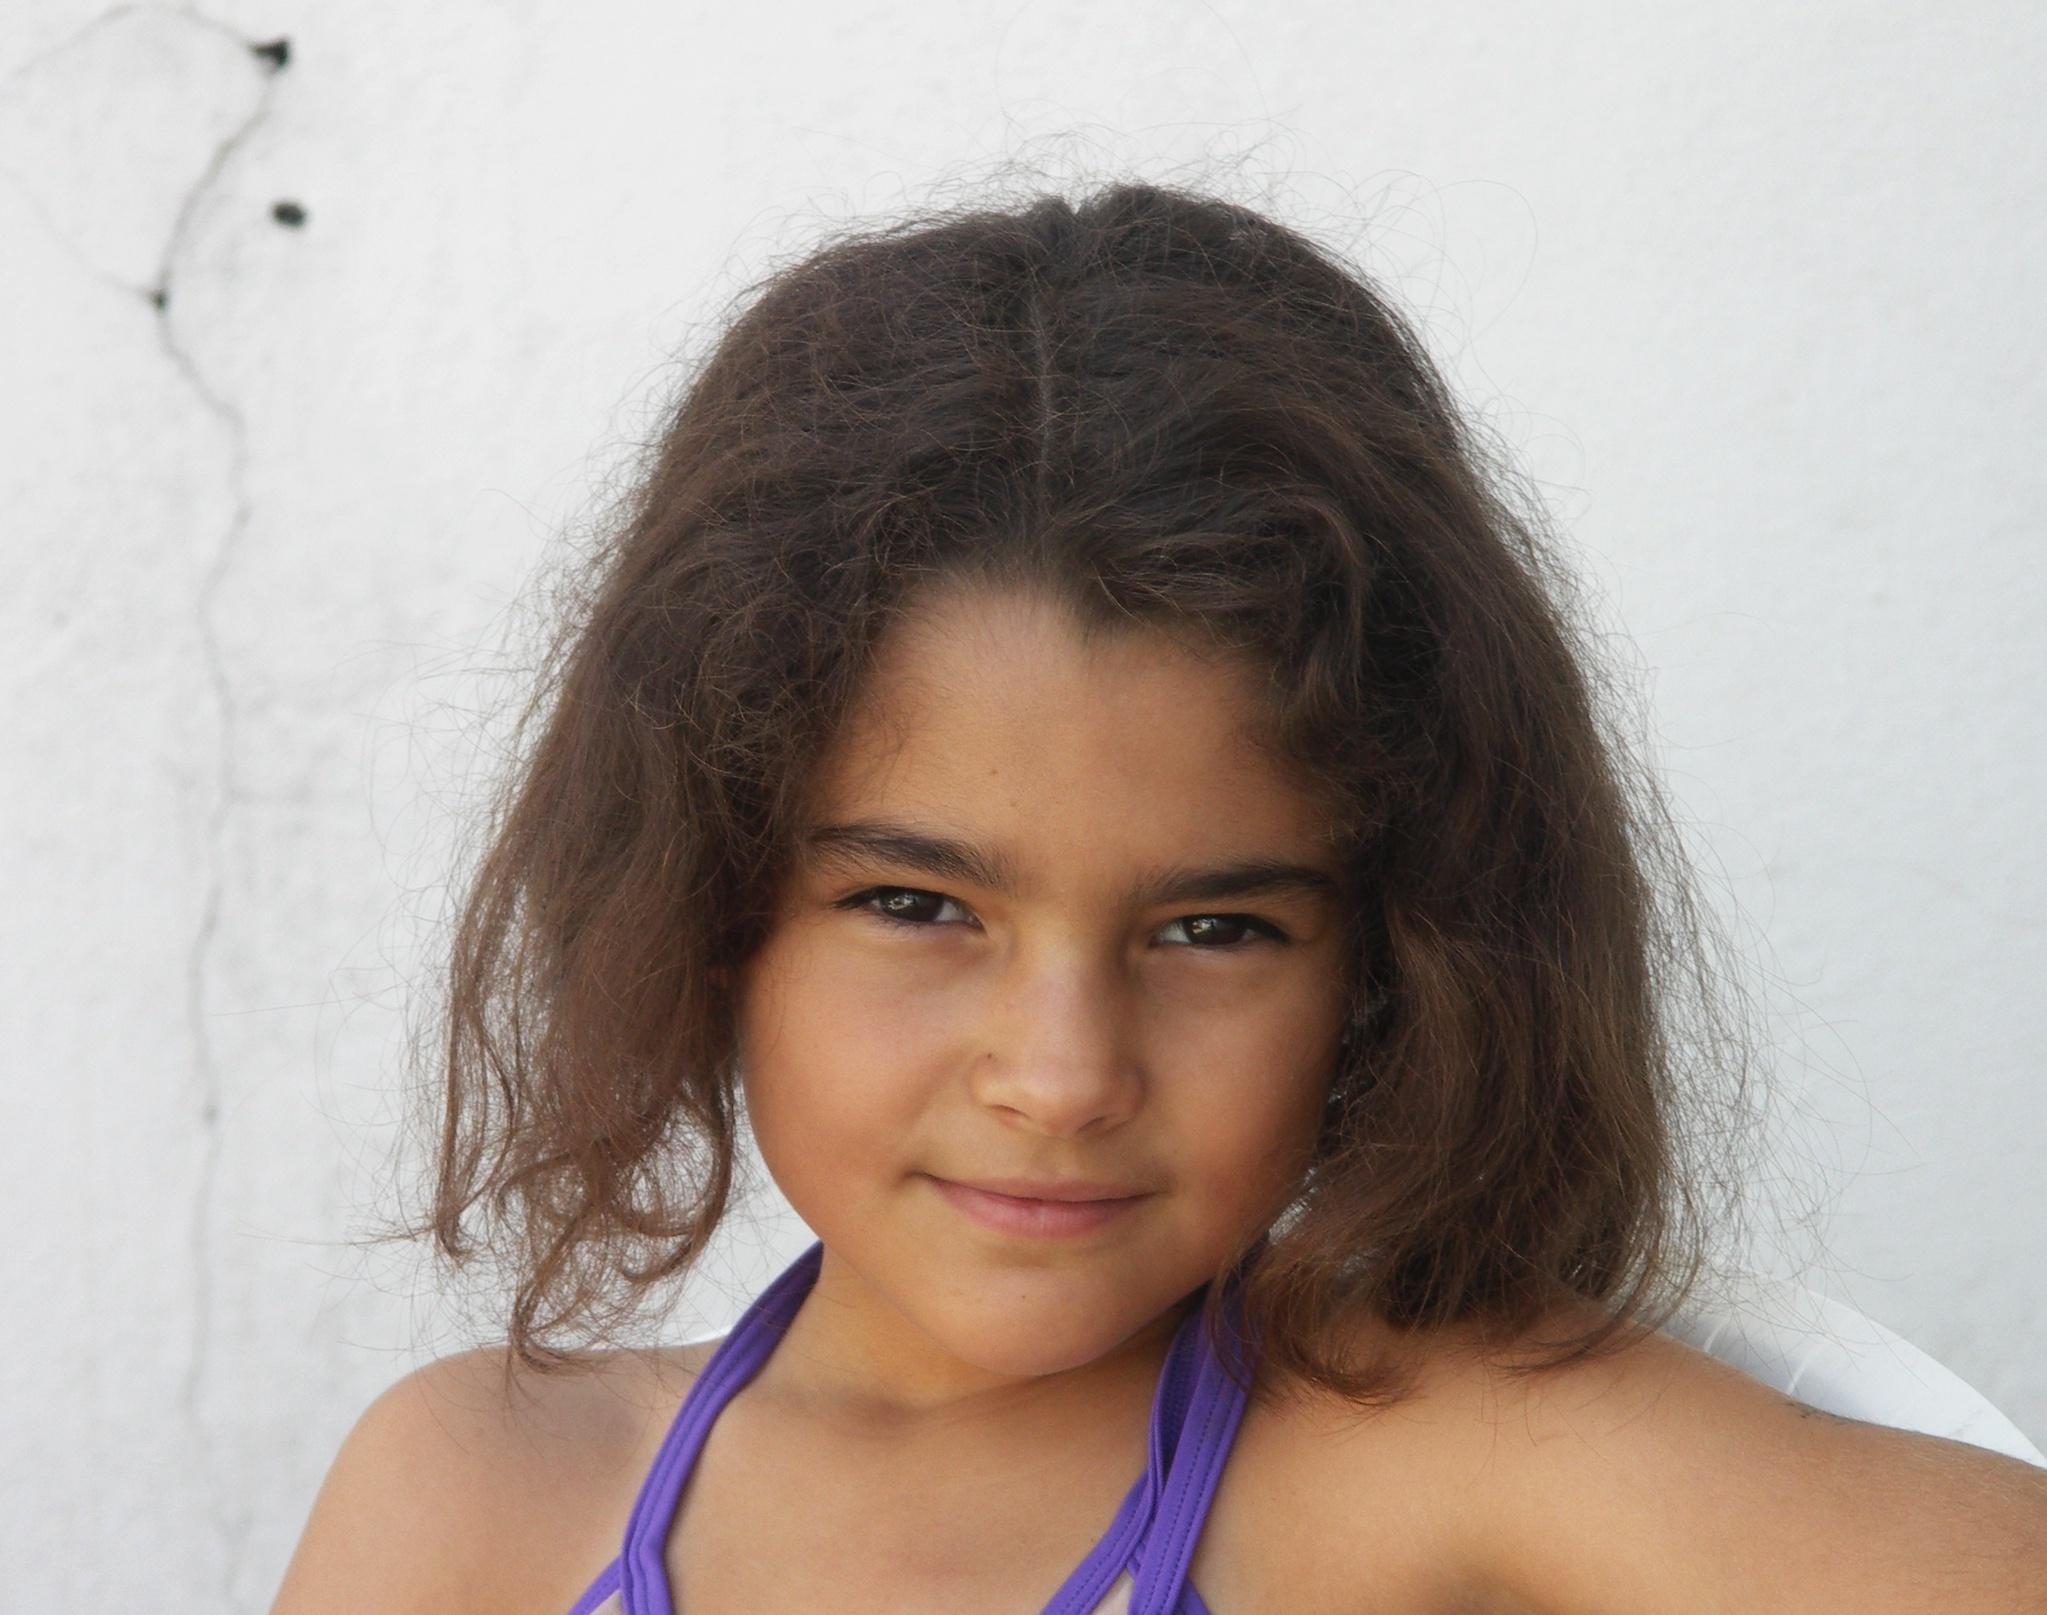 Amazonfr : Adultes : Jeux et Jouets